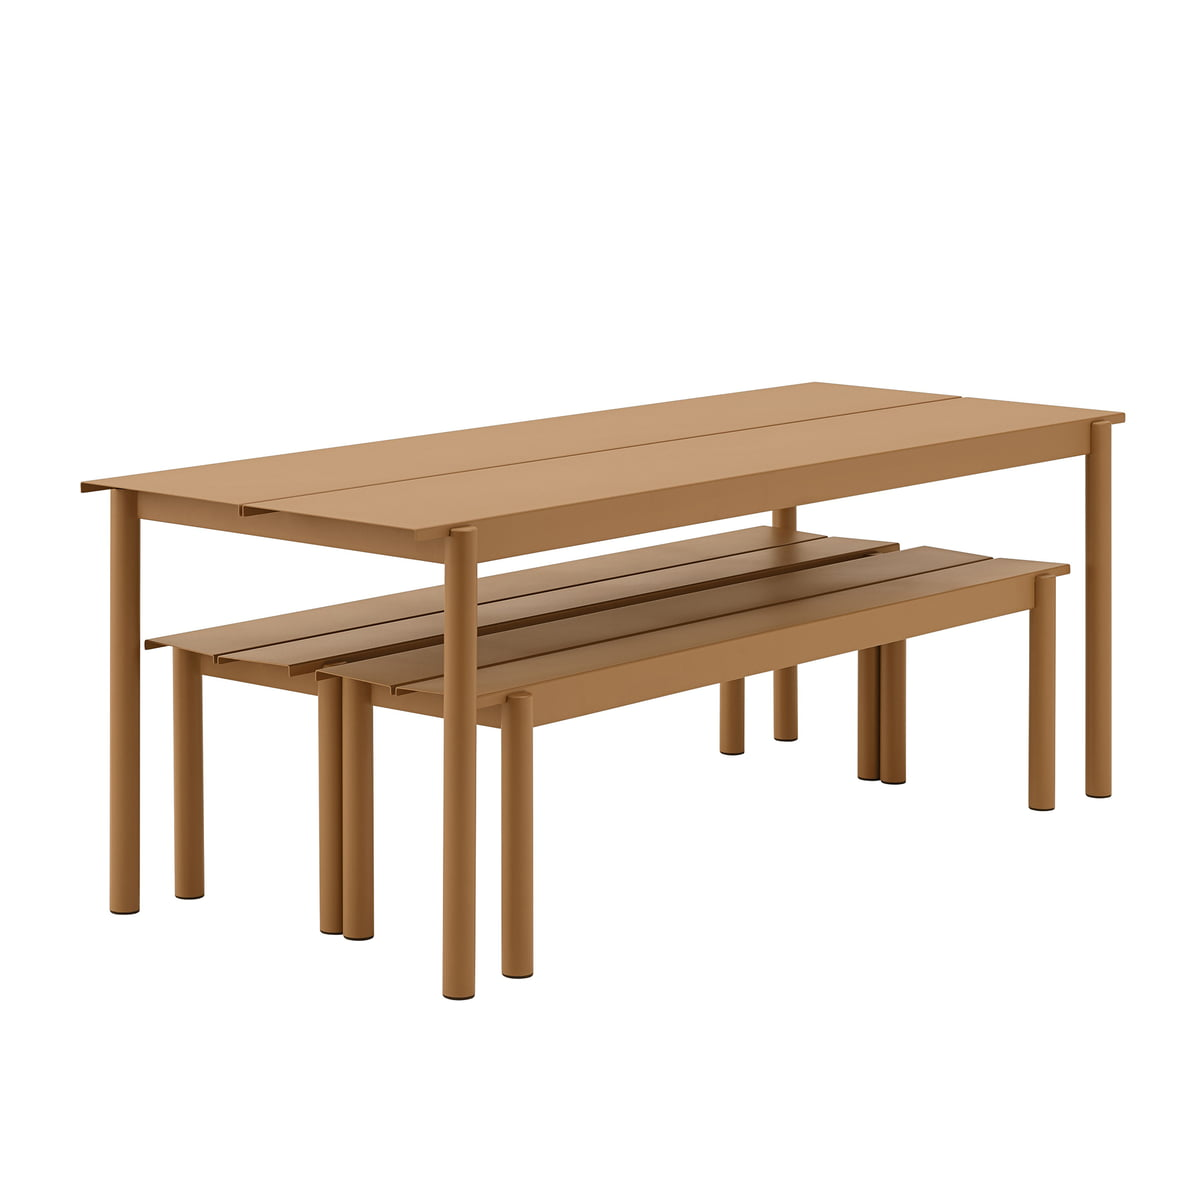 Fine Muuto Linear Steel Bench 110 Cm White Creativecarmelina Interior Chair Design Creativecarmelinacom